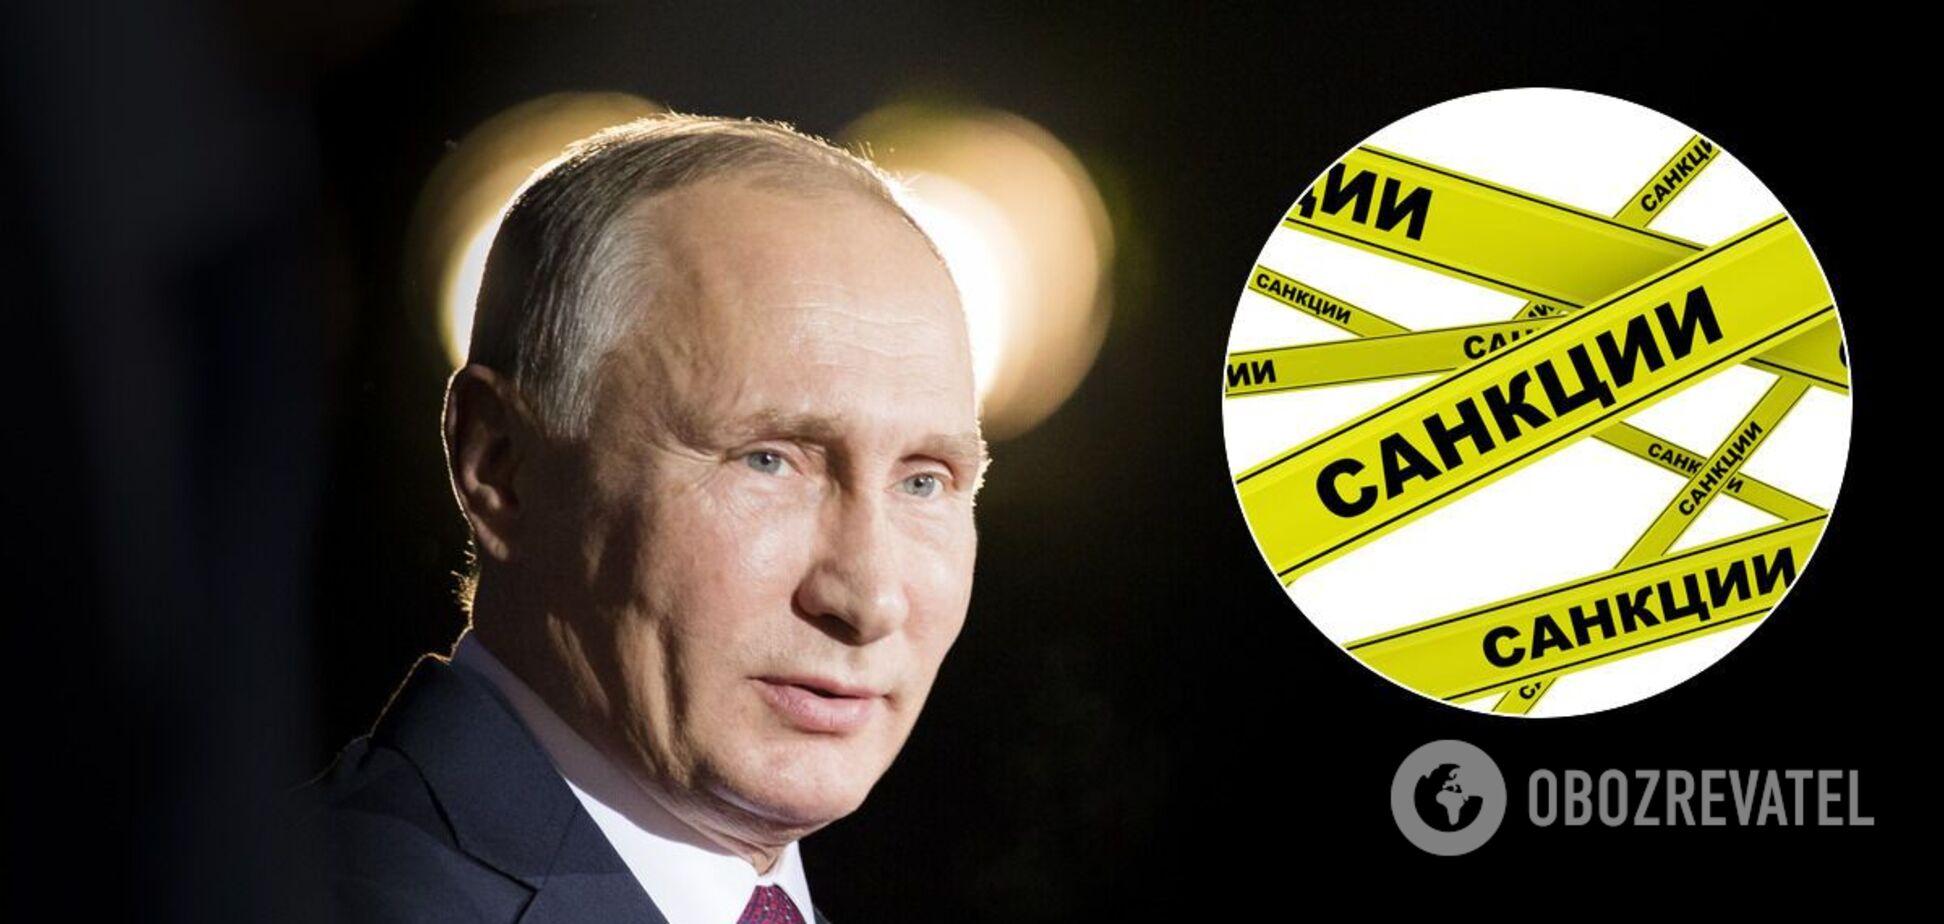 Президент Росії Володимир Путін може намагатися пом'якшити санкційну політику США